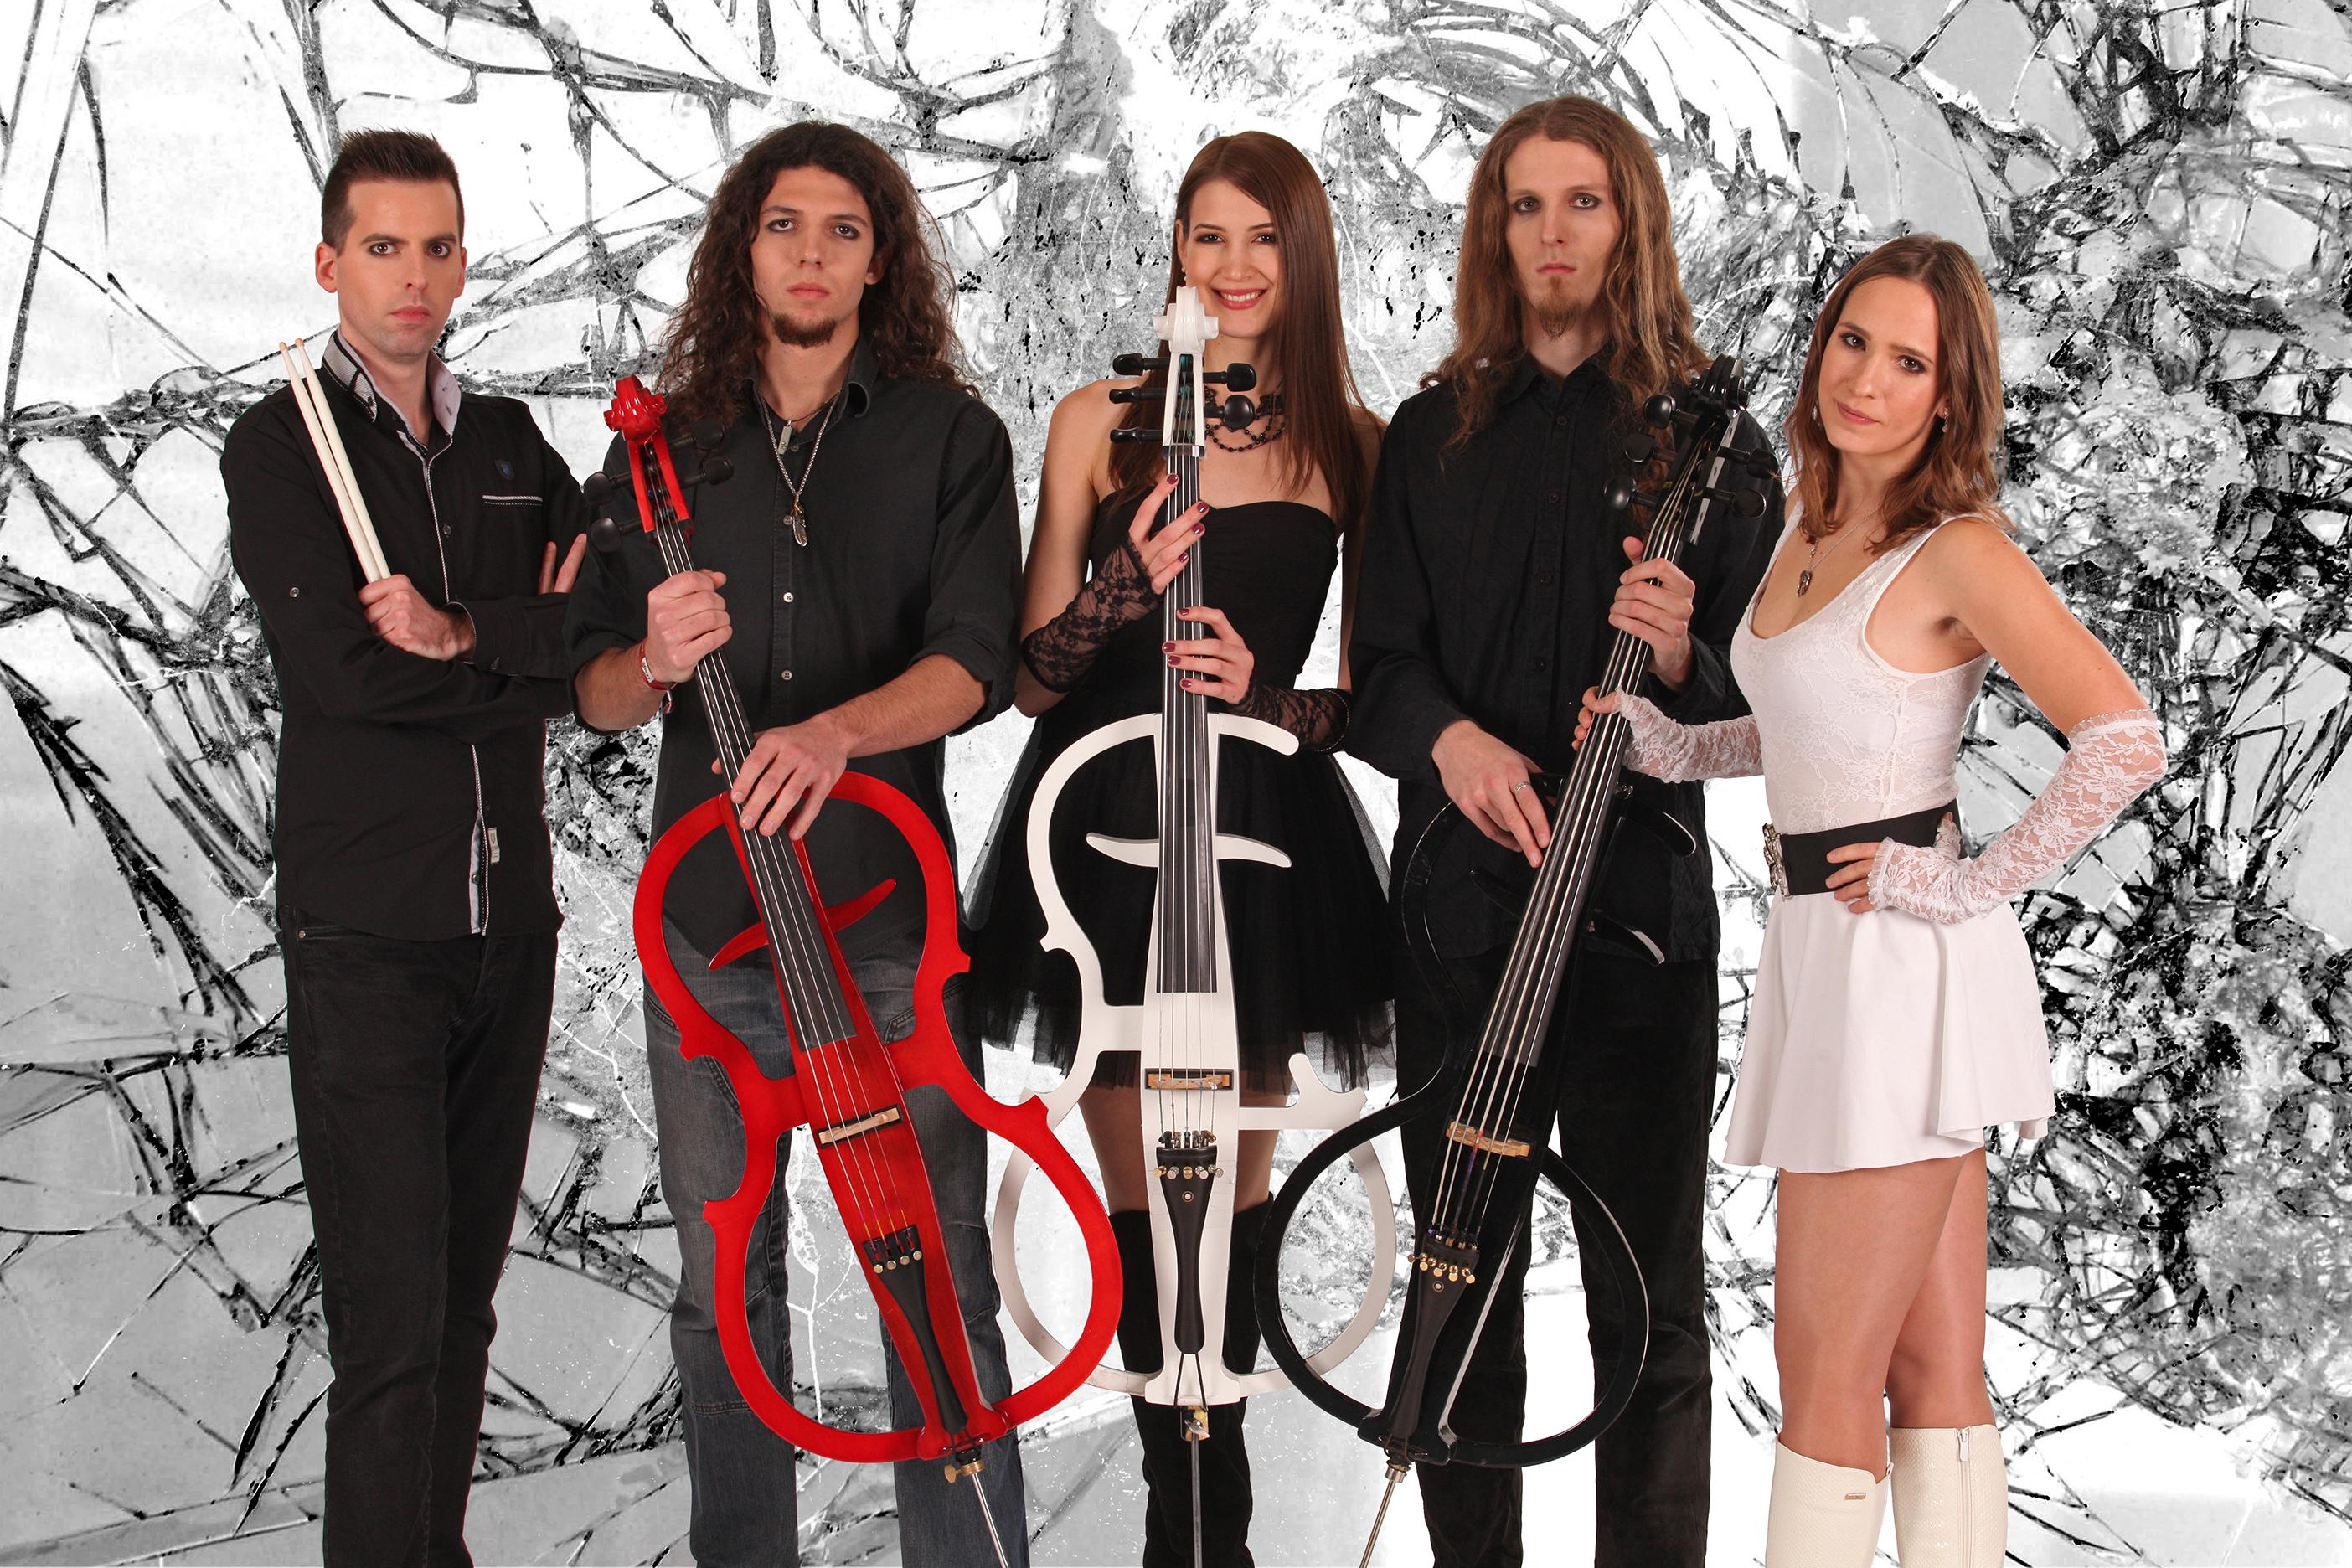 leecher_band_cellos_full_1a.jpg